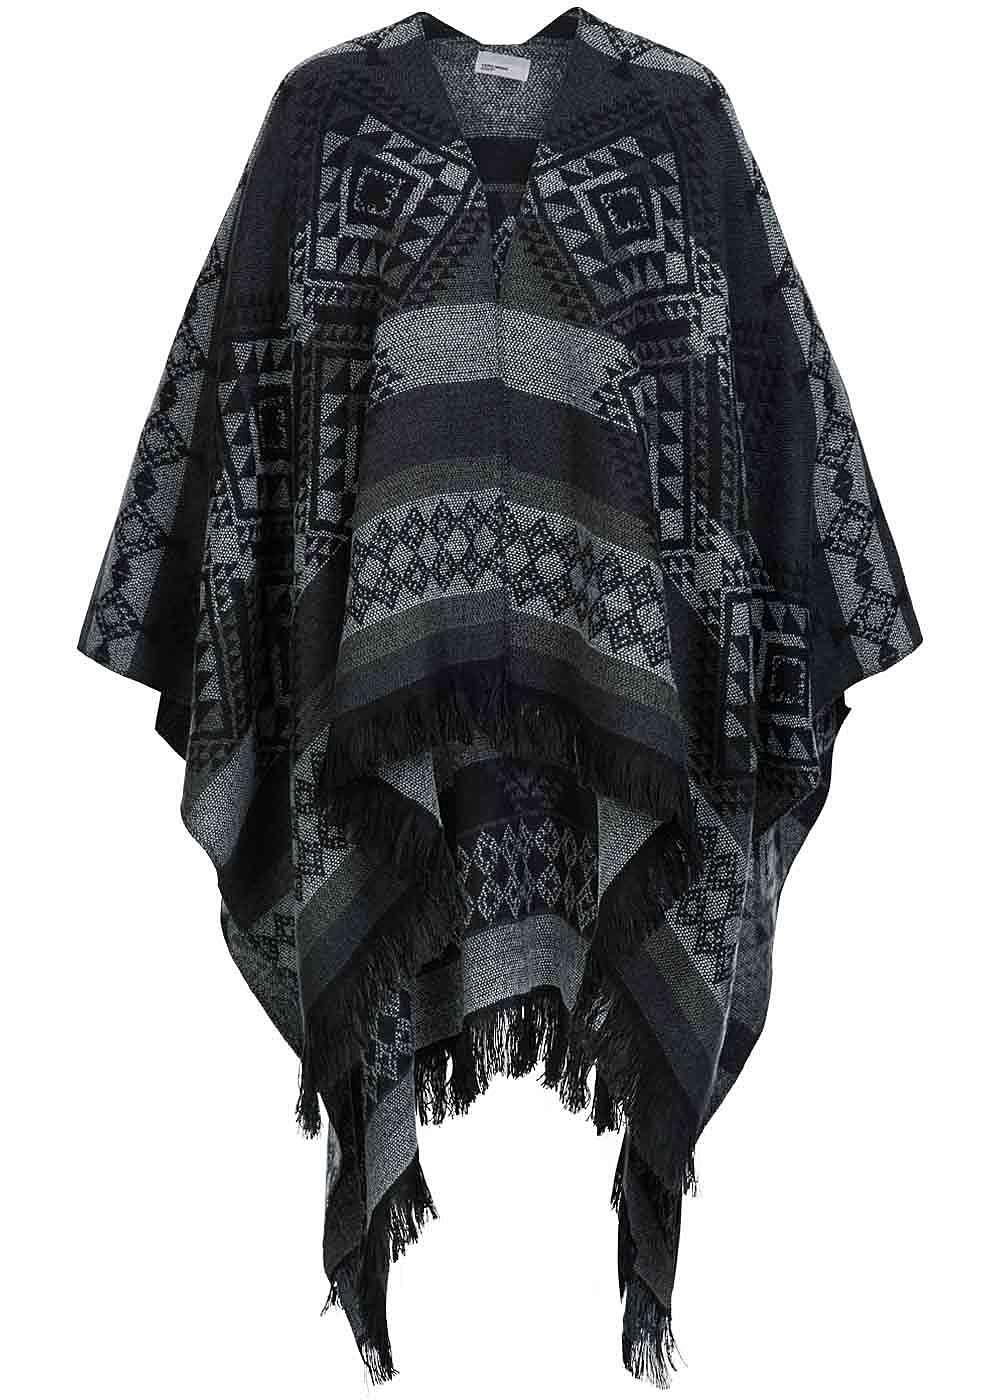 vero moda damen poncho ohne arml cher fransen ethno muster schwarz grau off wei ebay. Black Bedroom Furniture Sets. Home Design Ideas